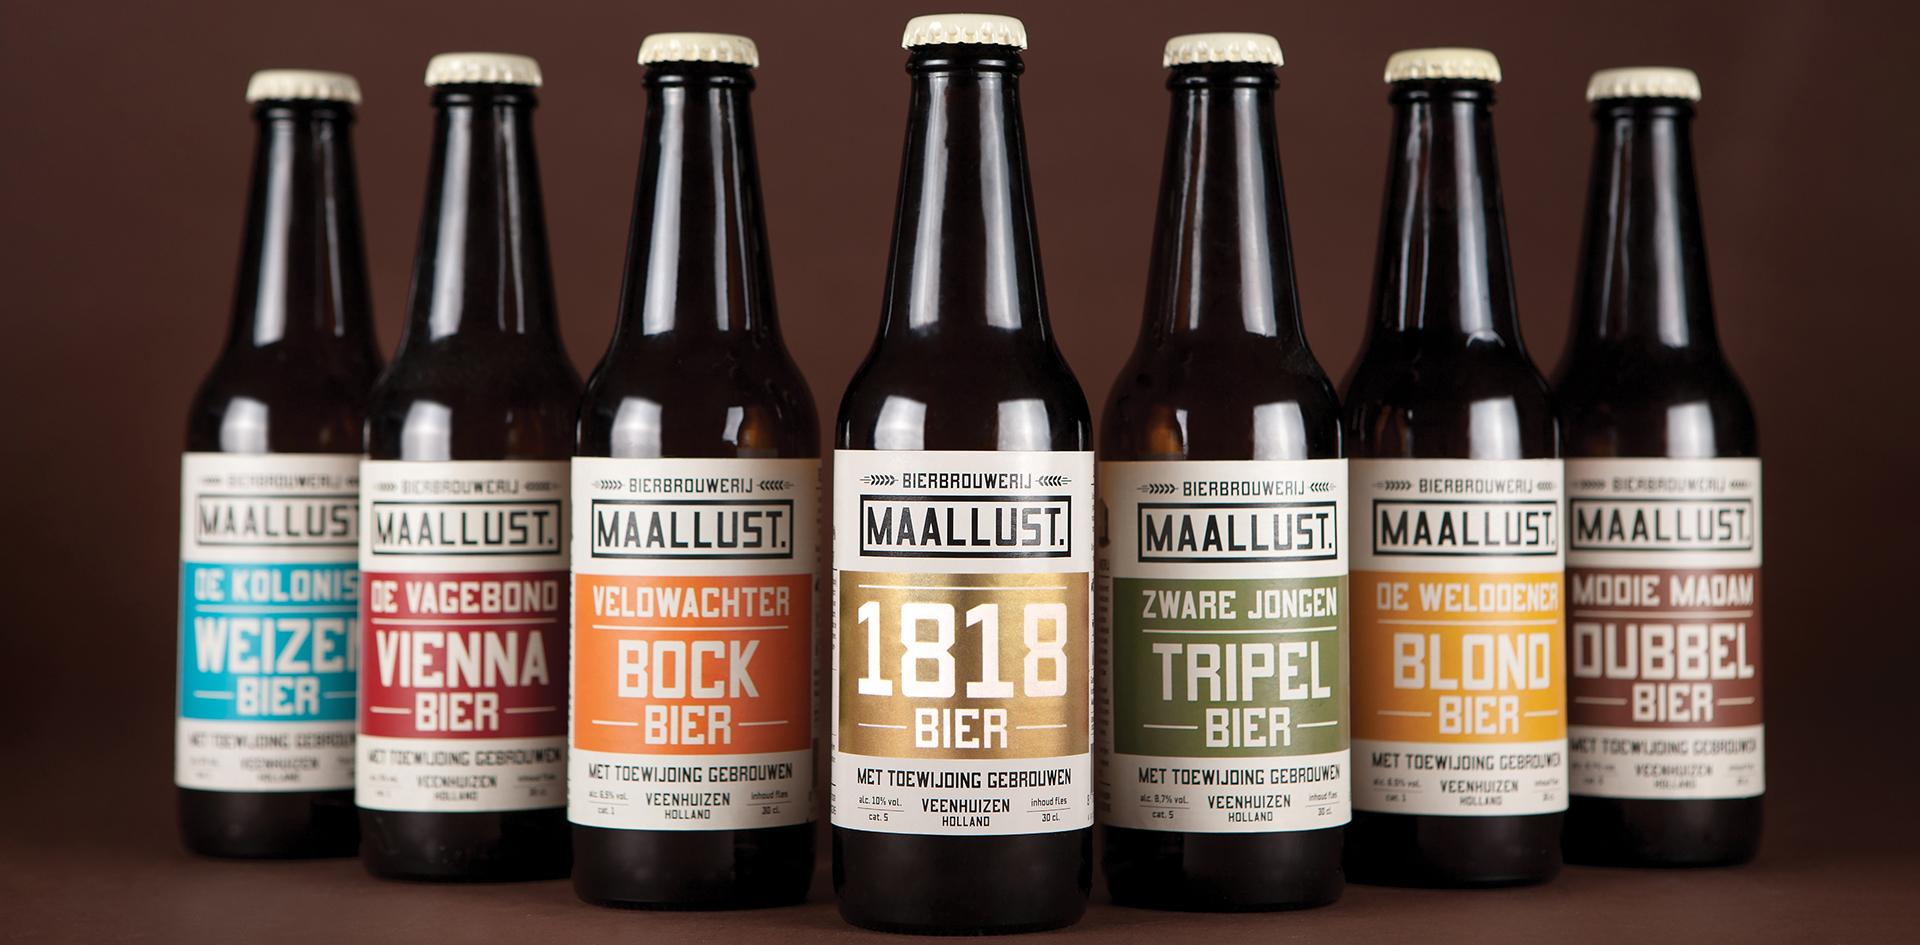 nectar-utrecht-pils-bier-brouwerij-nederland-veenhuizen-maallust-assortiment